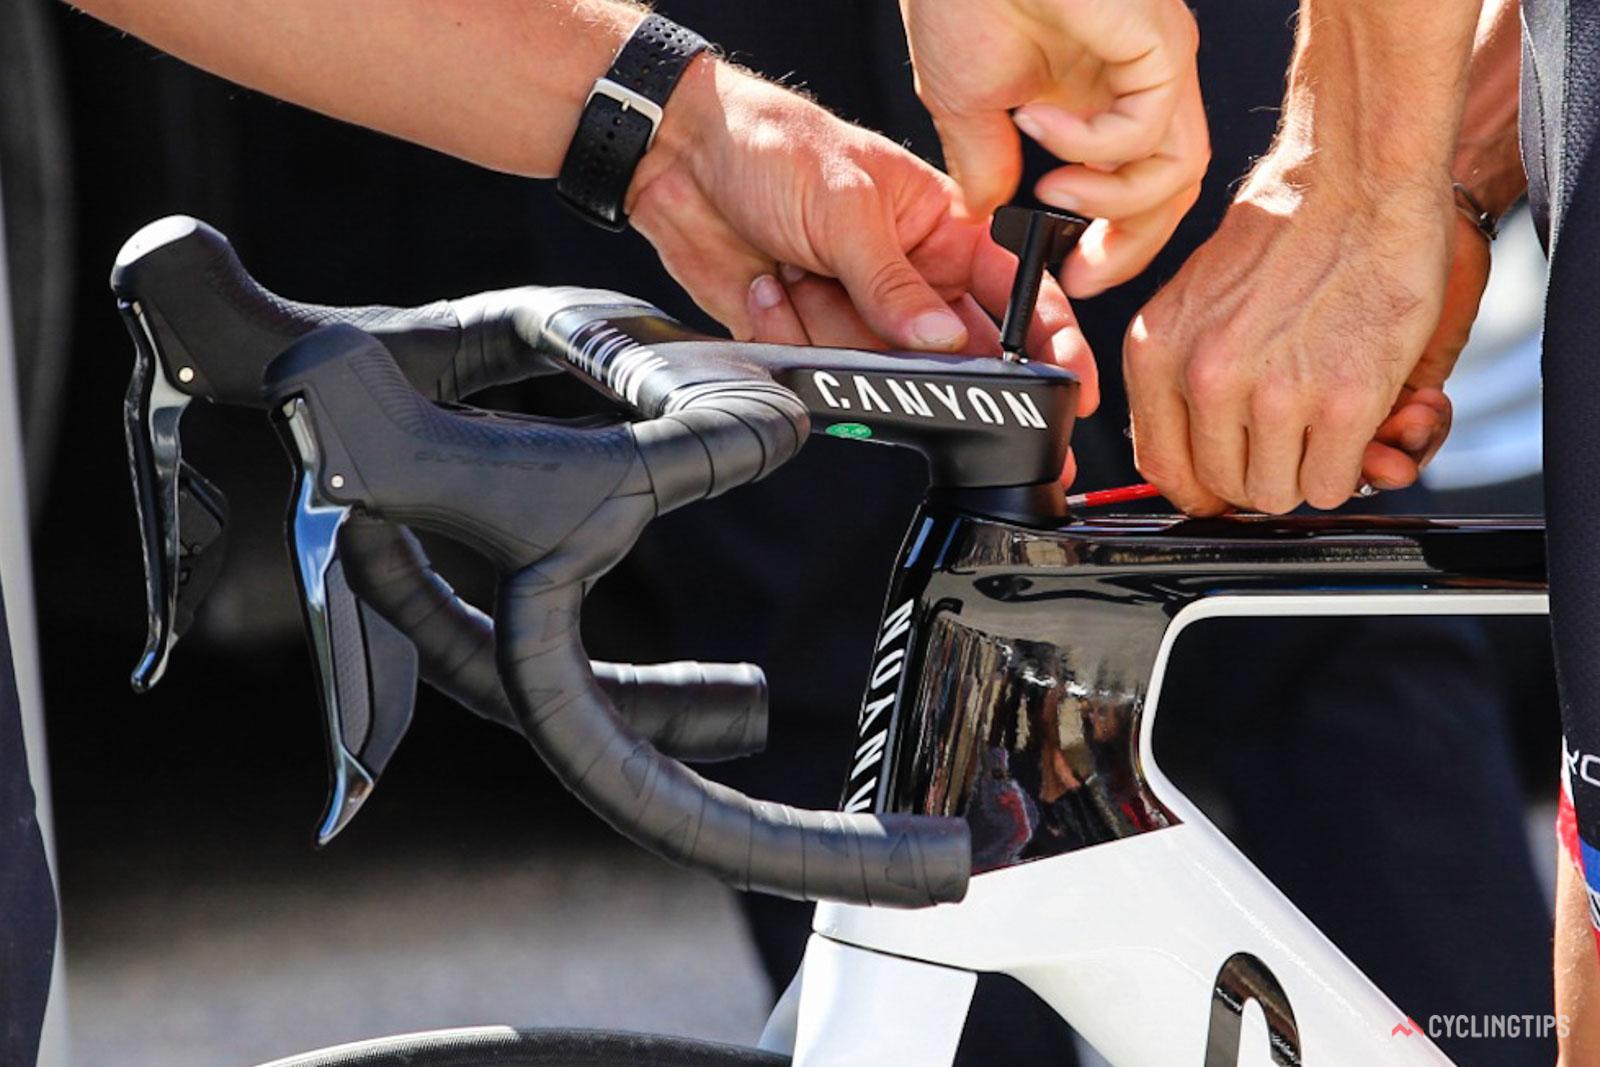 Canyon pide a los nuevos propietarios de Aeroad que dejen de andar en bicicleta después del manillar roto de MvdP